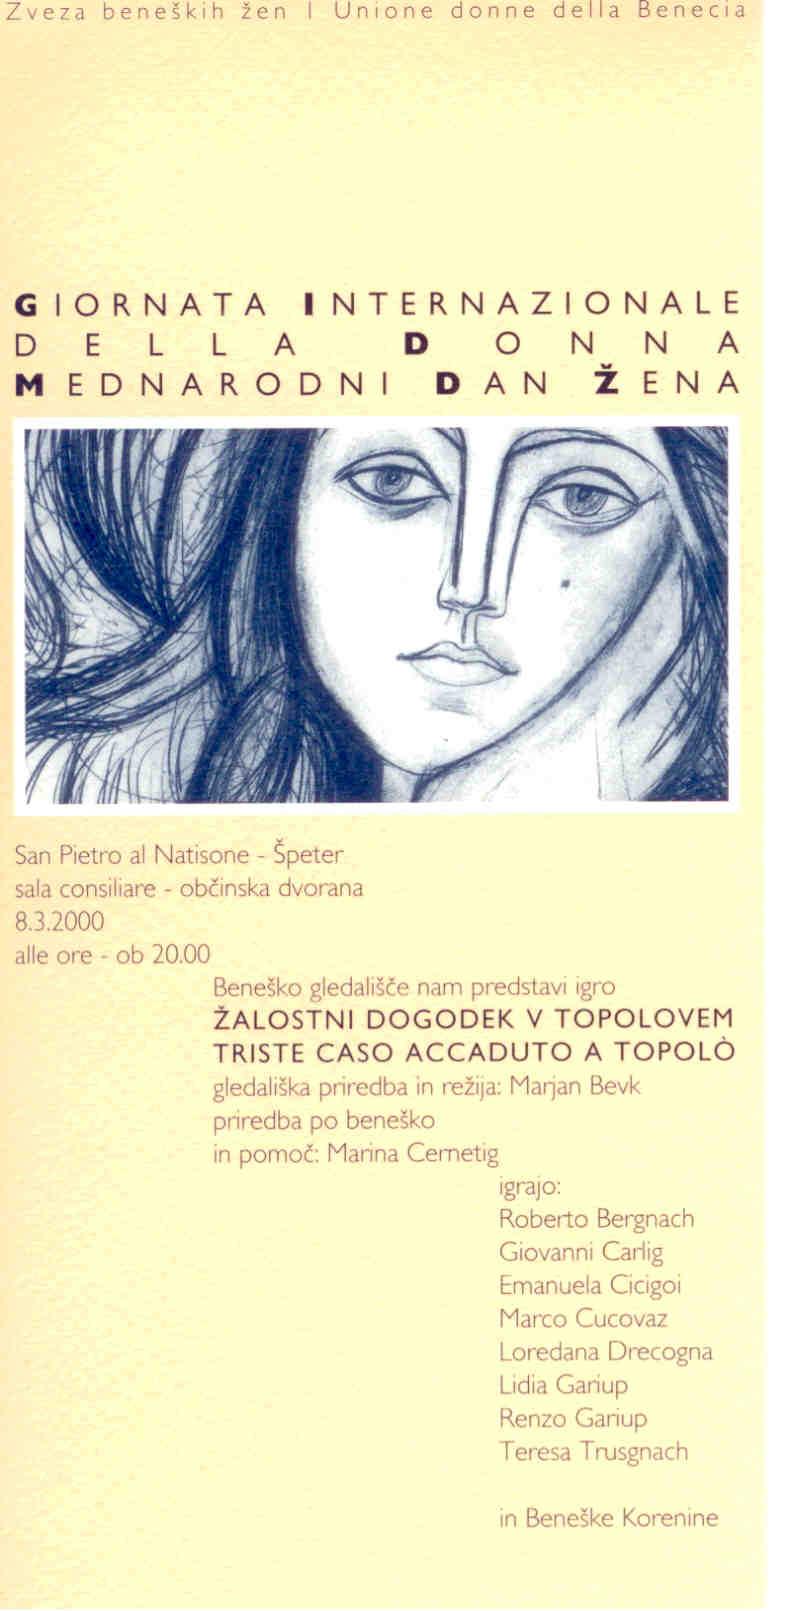 Zveza beneških žen